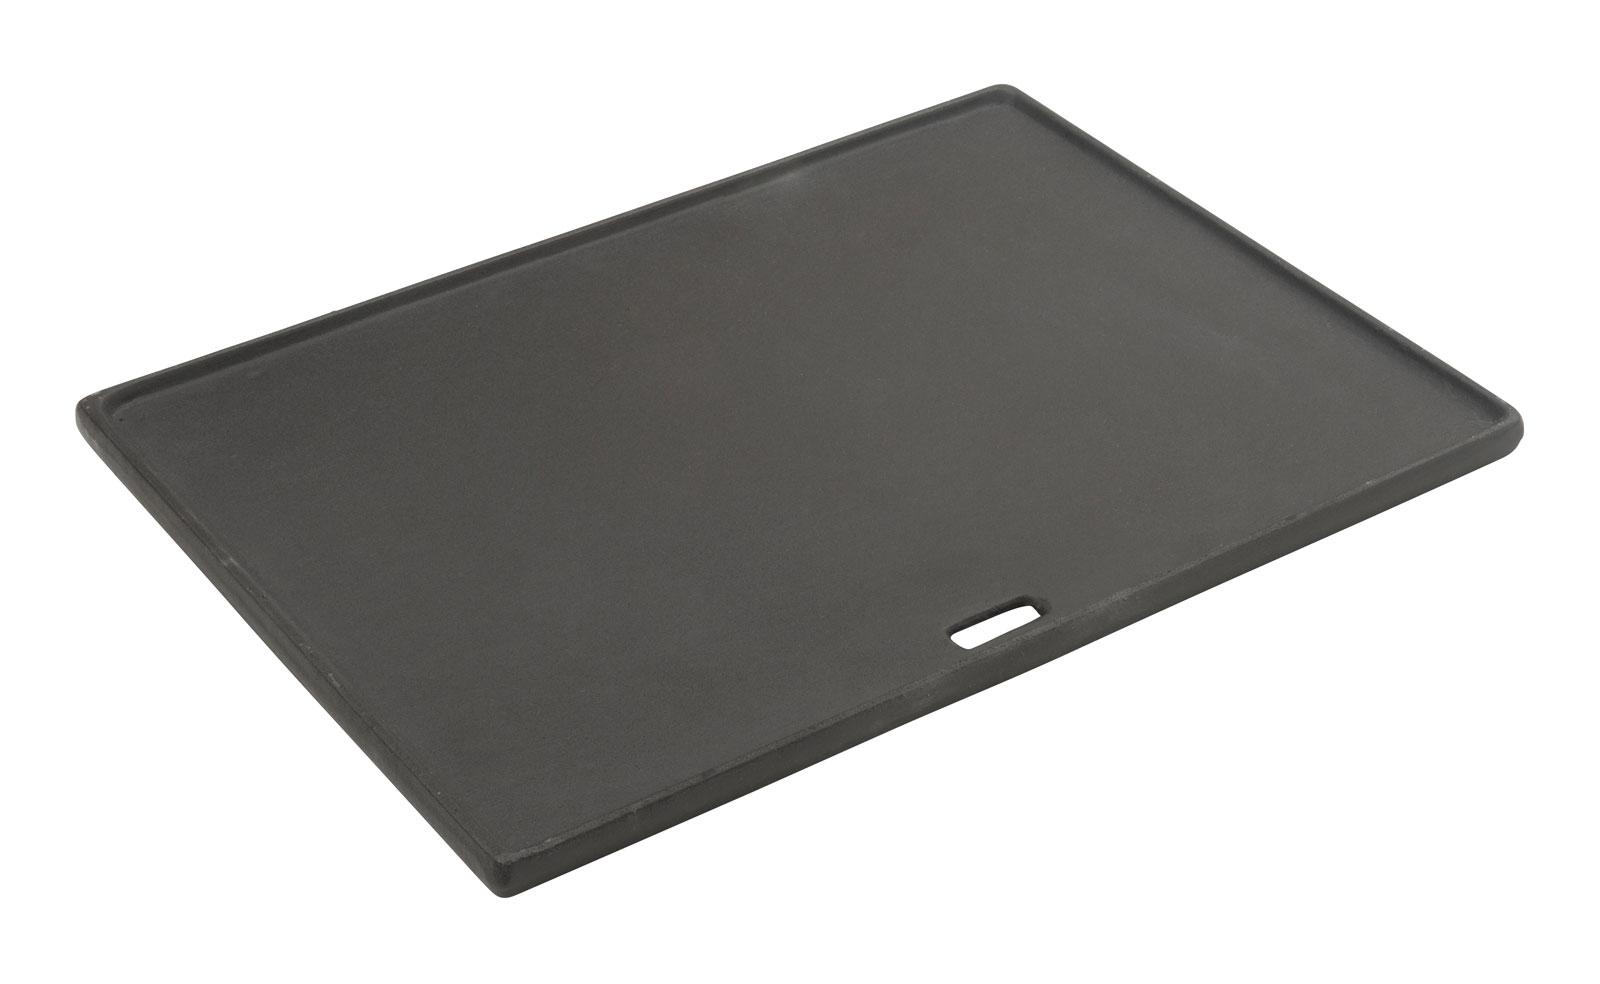 Grillplatte Für Gasgrill : Grillplatte wendeplatte für landmann gasgrill triton cm